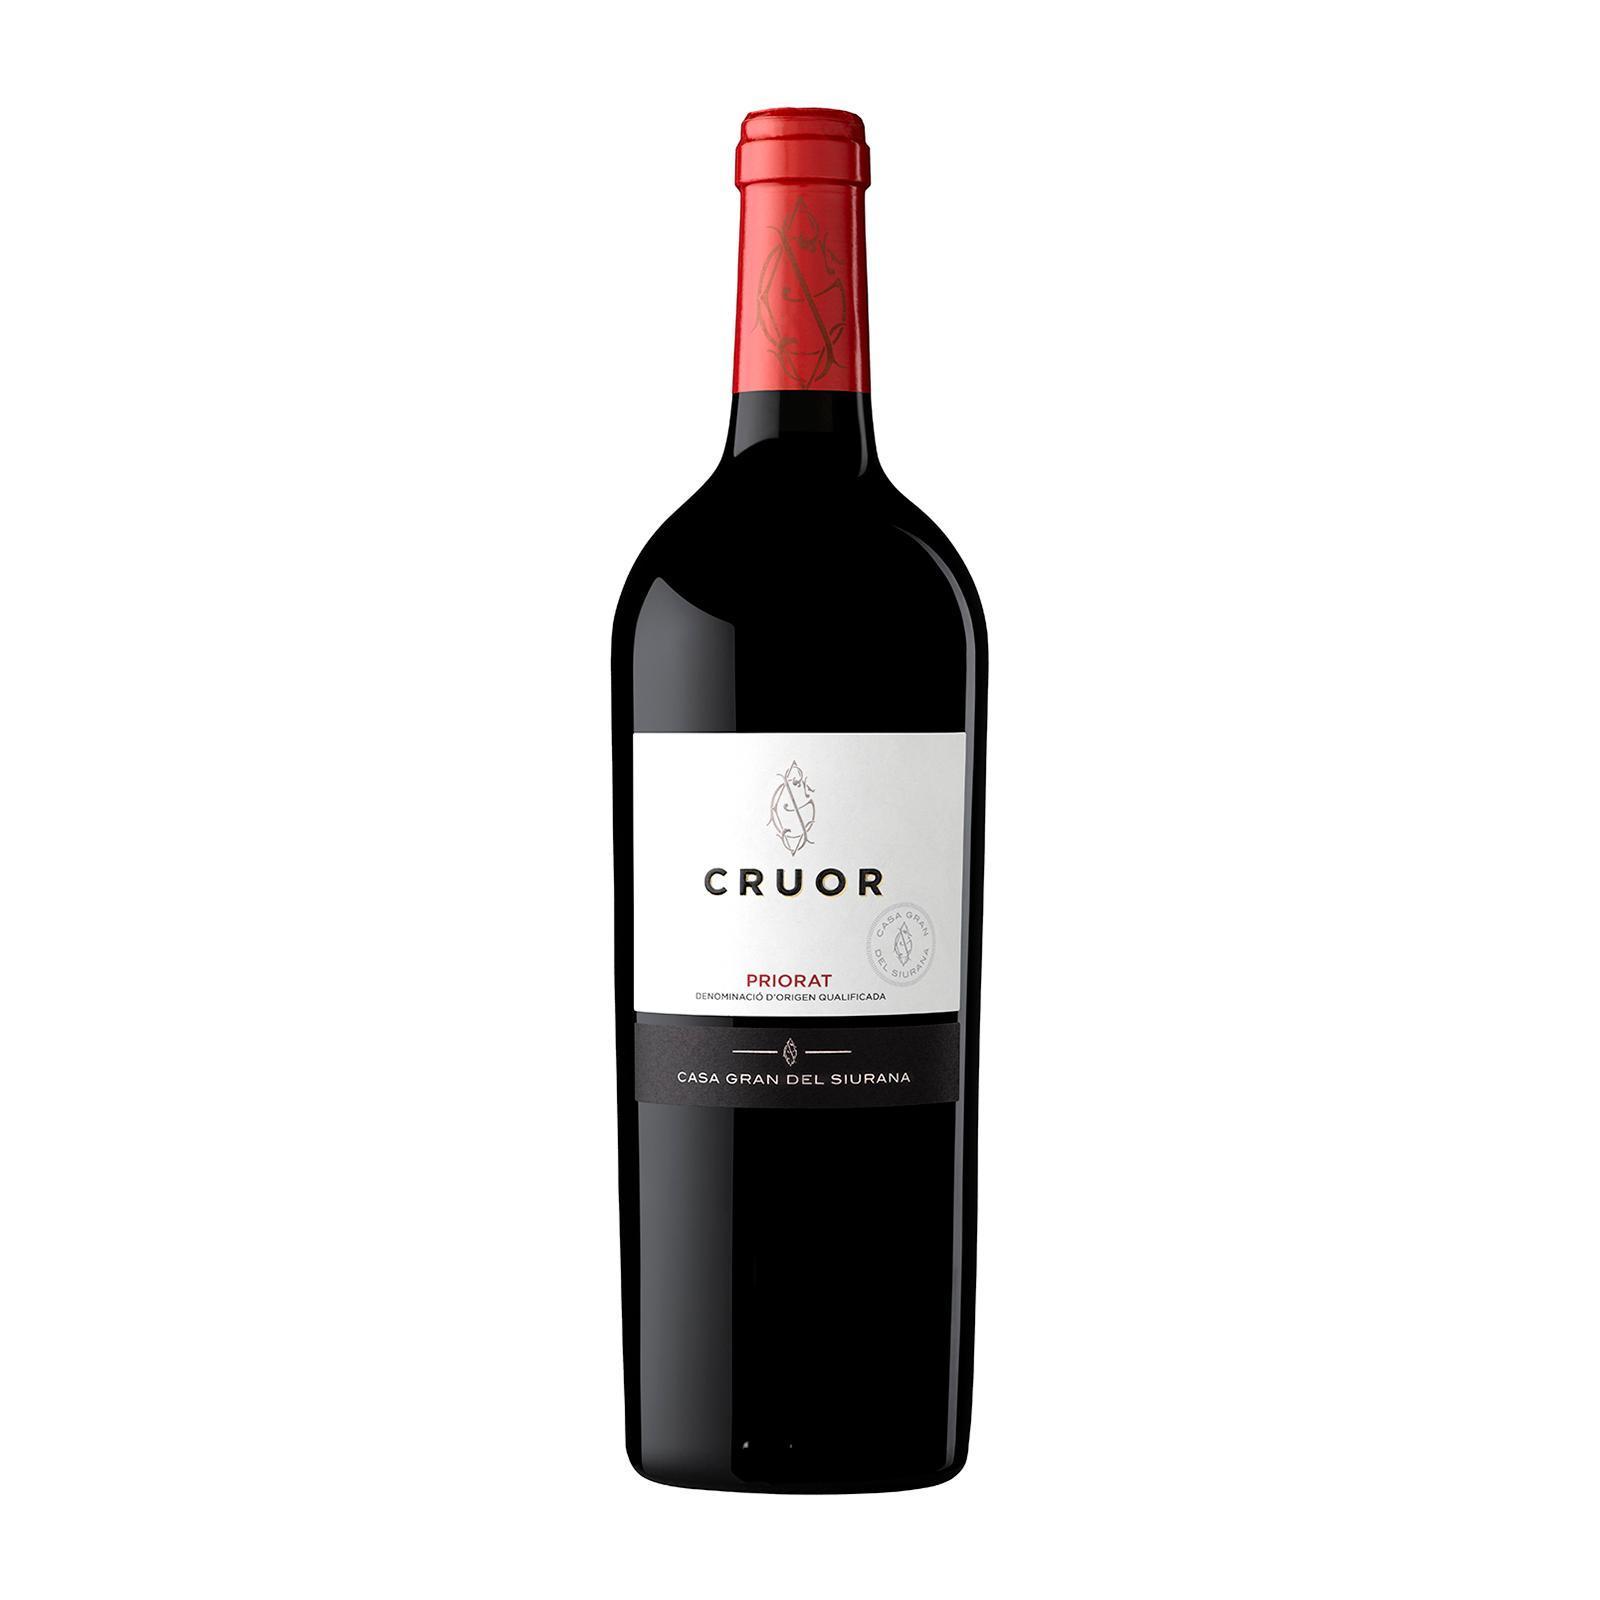 Casa Gran Del Siurana Cruor 2015 Spanish Wine - By TANINOS